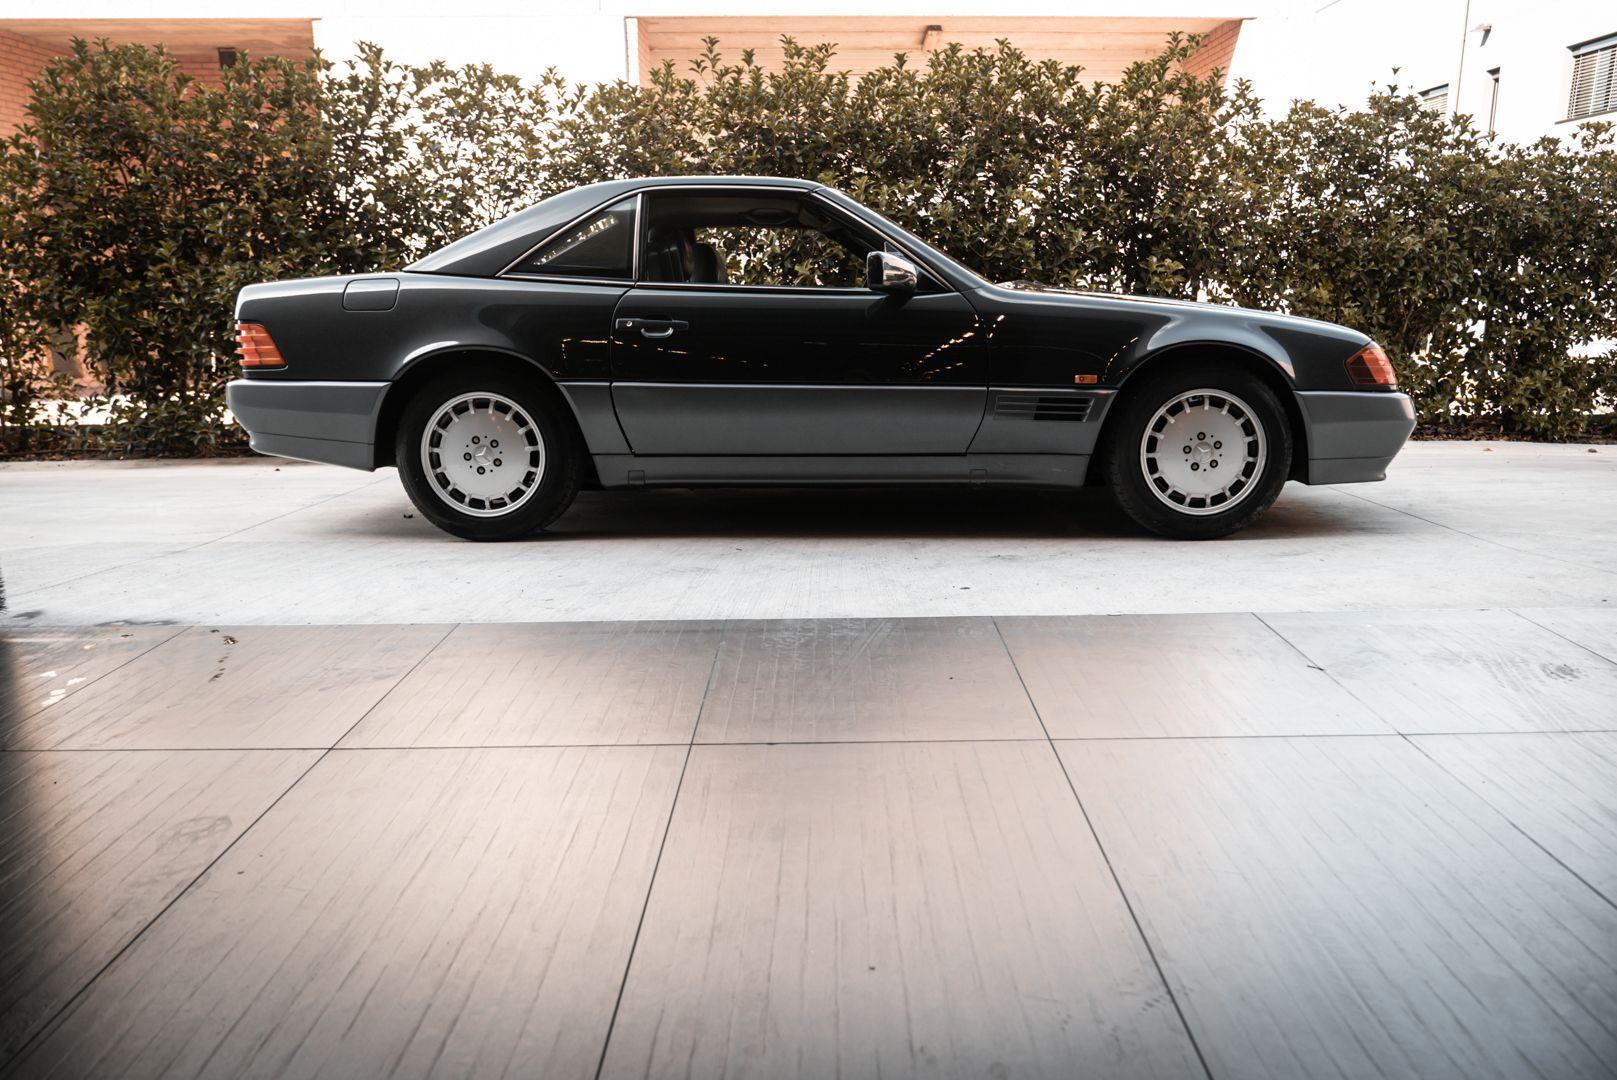 1992 Mercedes Benz 300 SL 24 V 80598